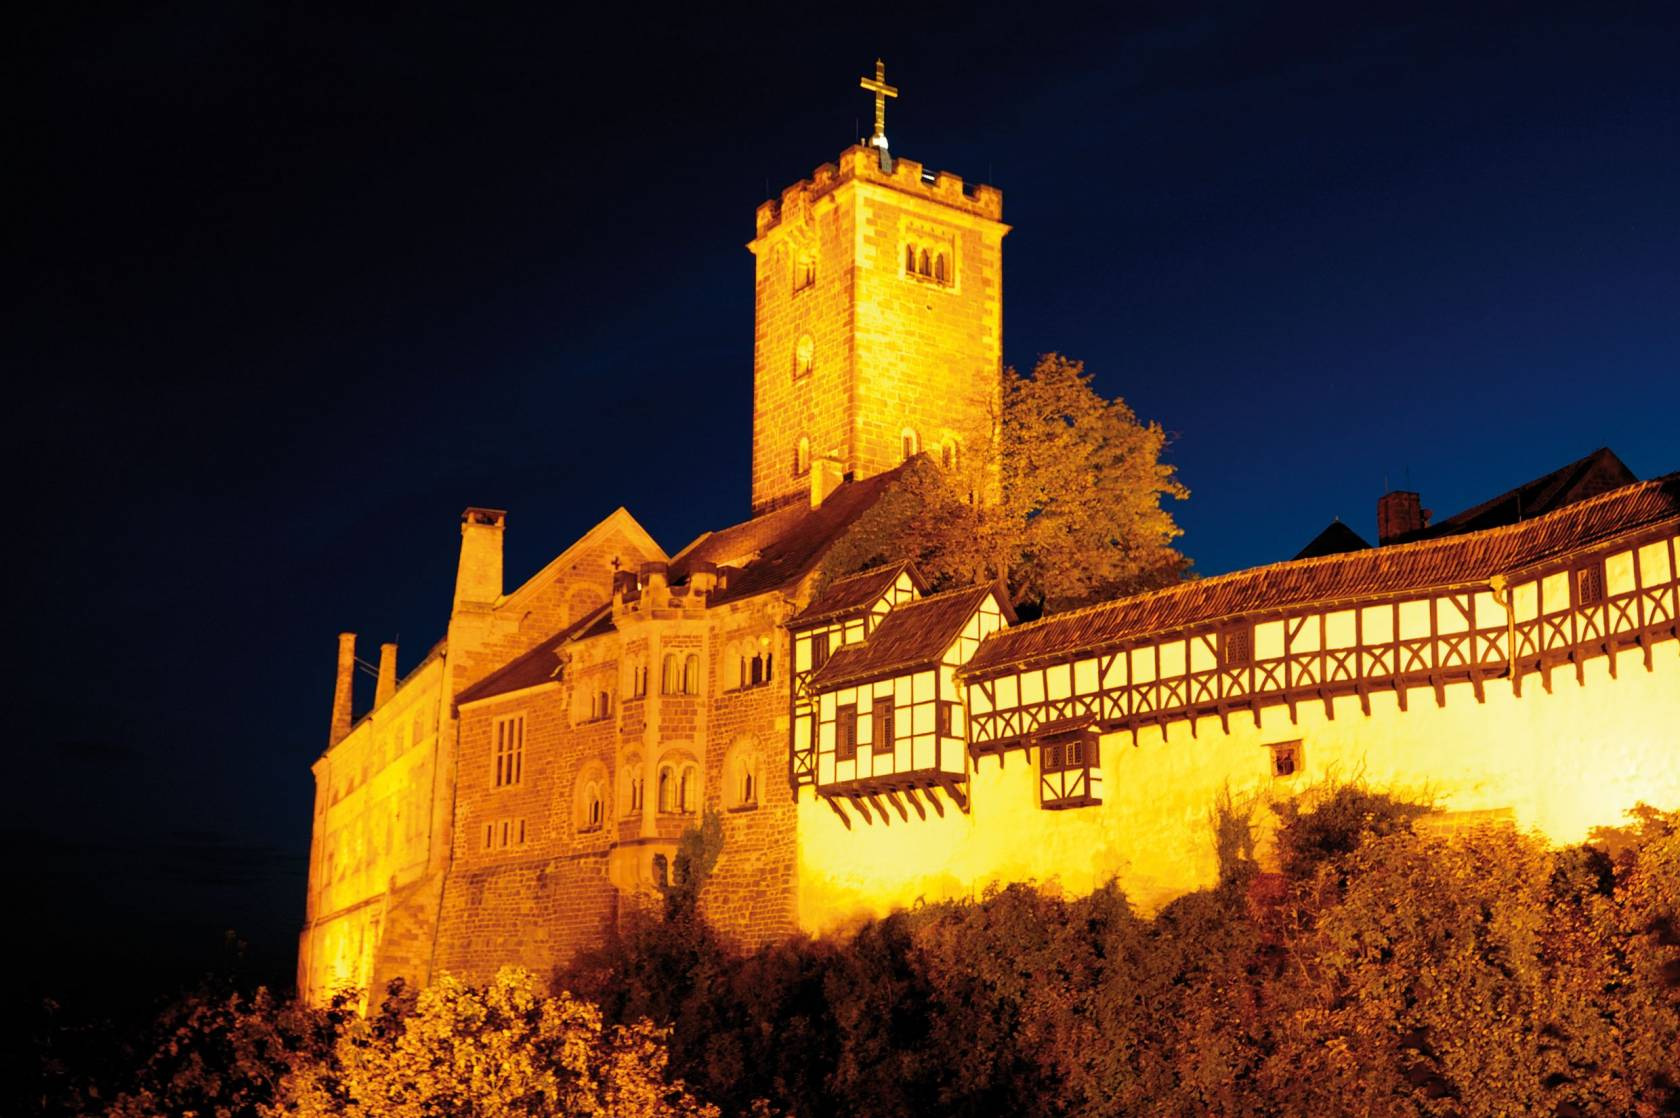 ヴァルト ブルク 城